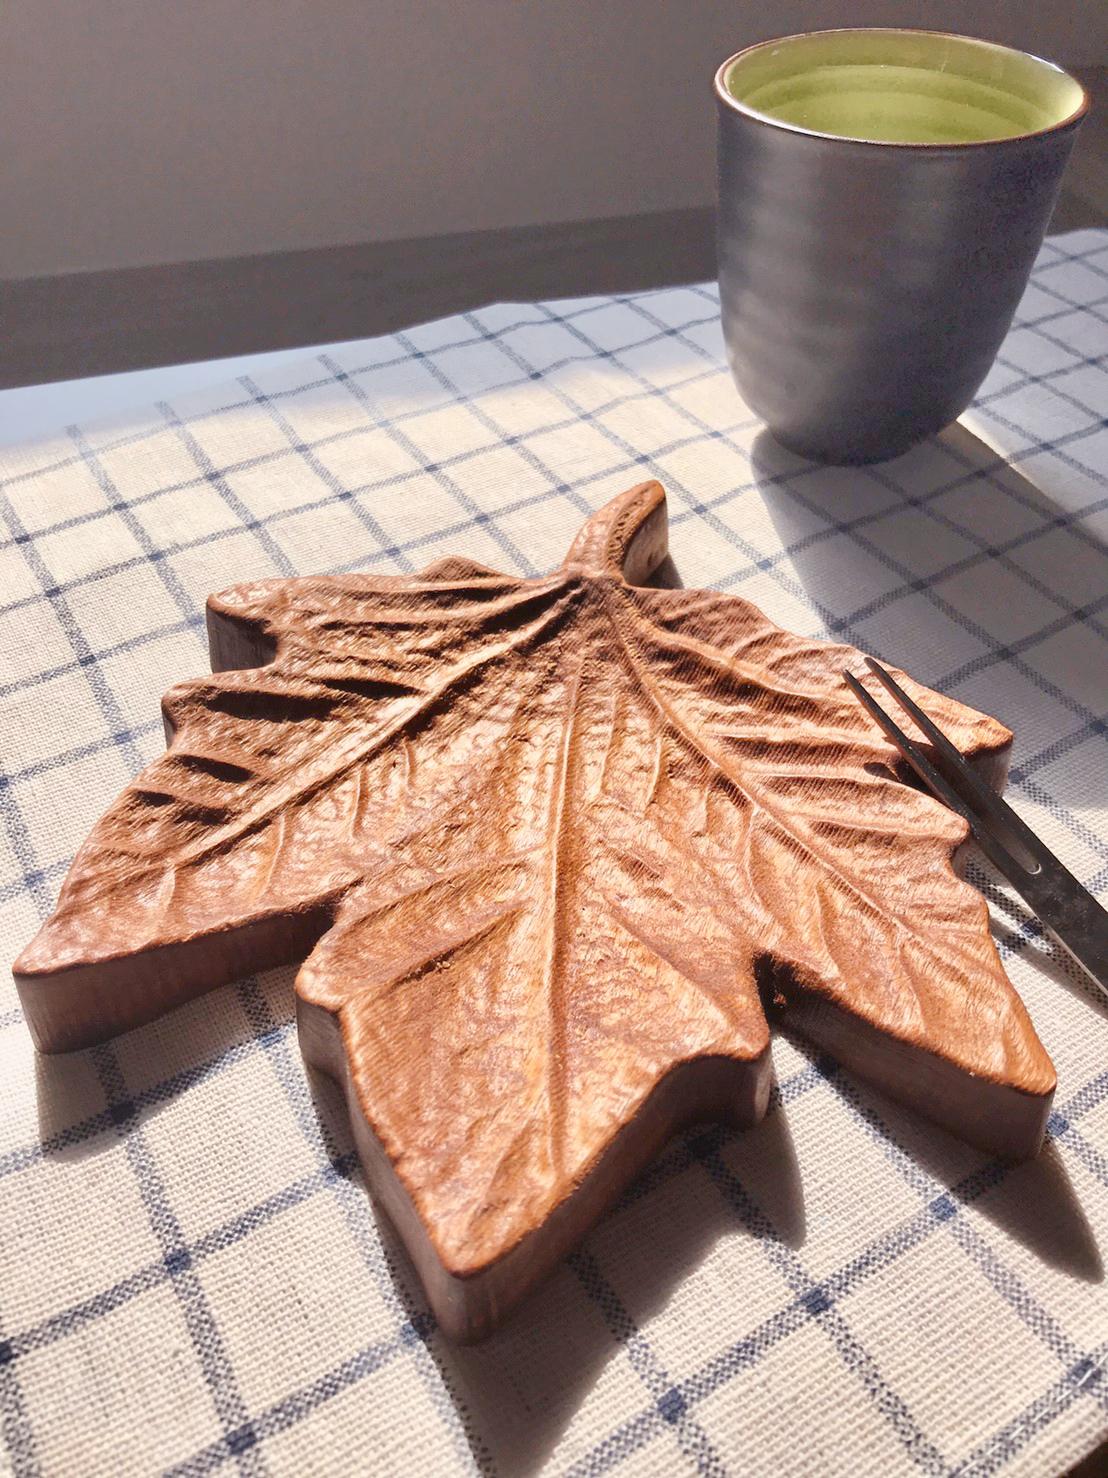 木城工坊 原木楓葉造型茶點盤-道格拉斯楓